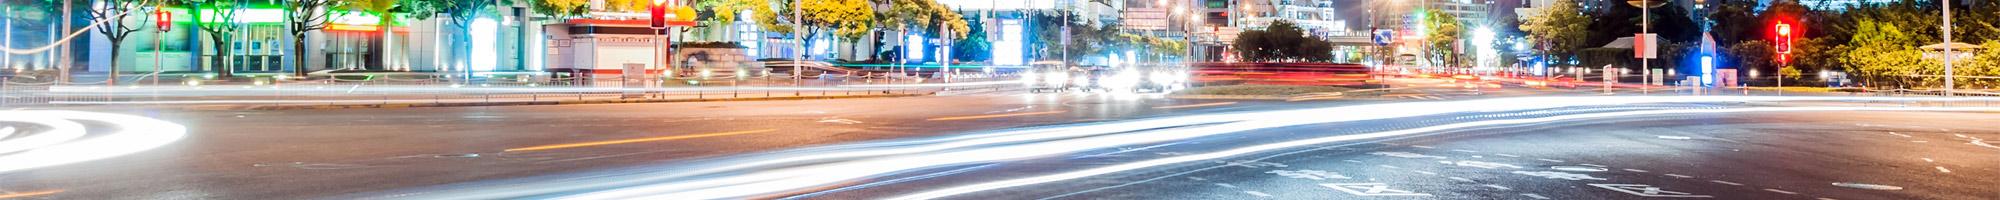 banner-auto.jpg